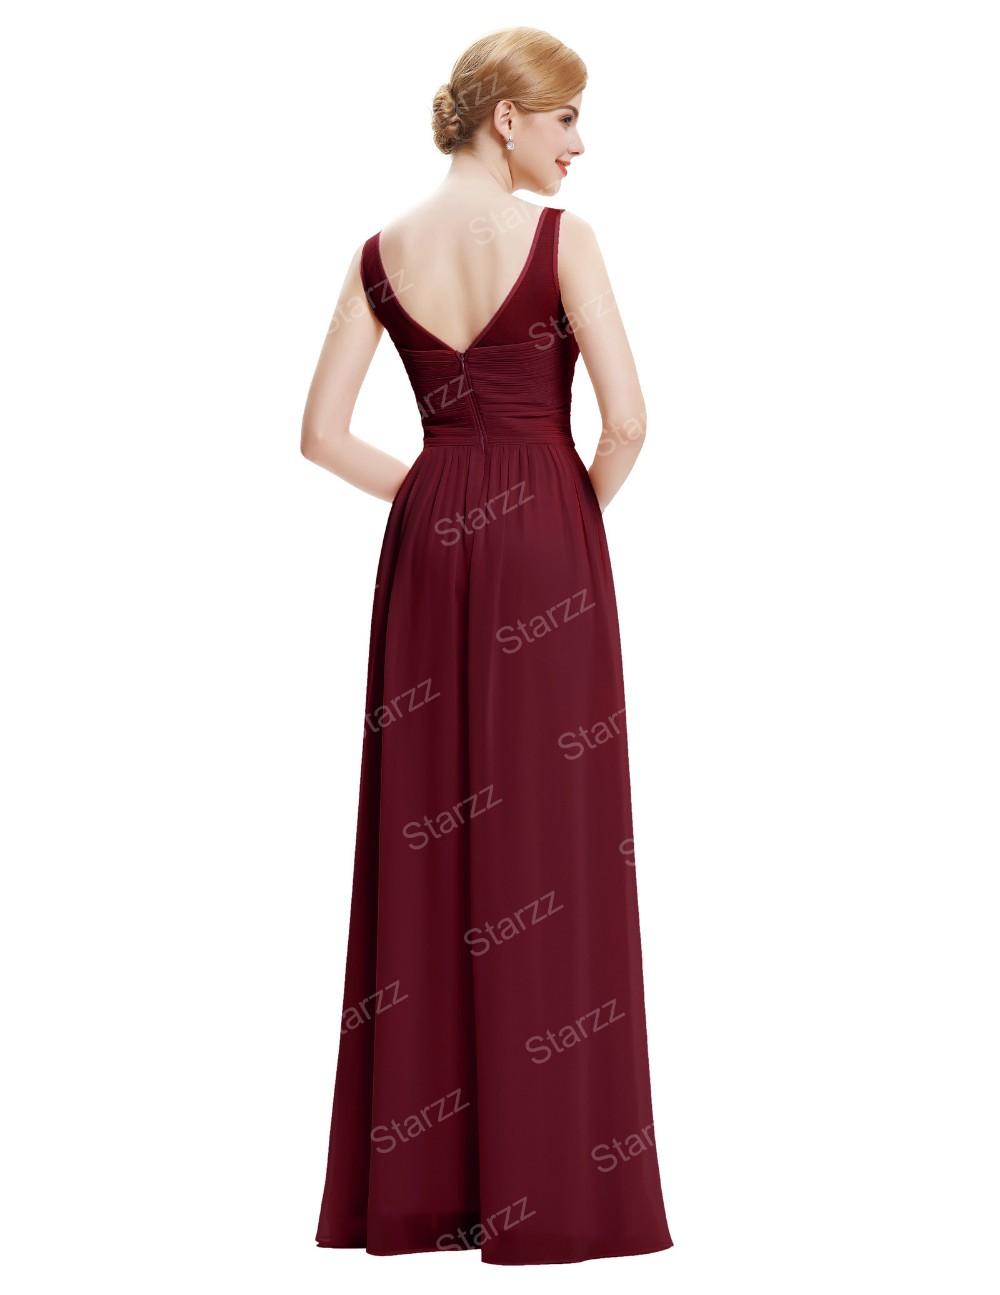 Společenské dlouhé šaty s korálky Společenské dlouhé šaty s korálky empty 5e35e31e4f